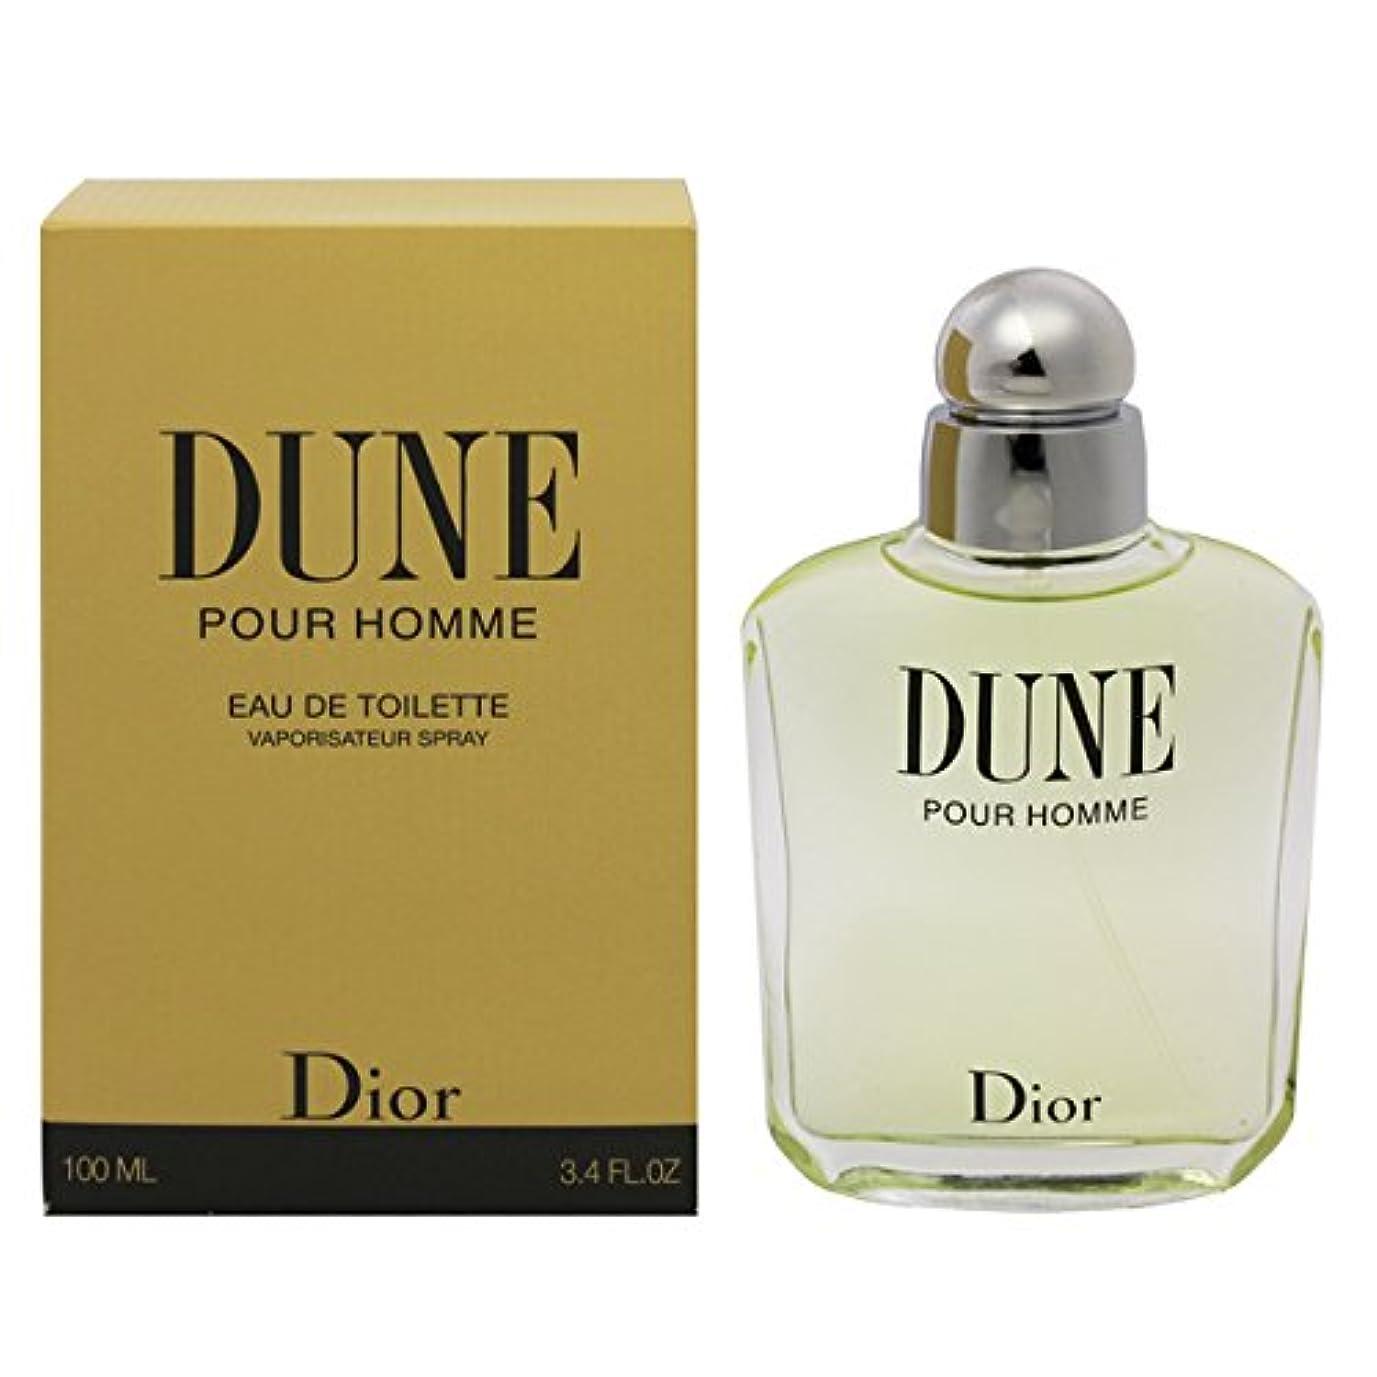 皿知事お風呂を持っているクリスチャン ディオール(Christian Dior) デューン プールオム EDT SP 100ml[並行輸入品]